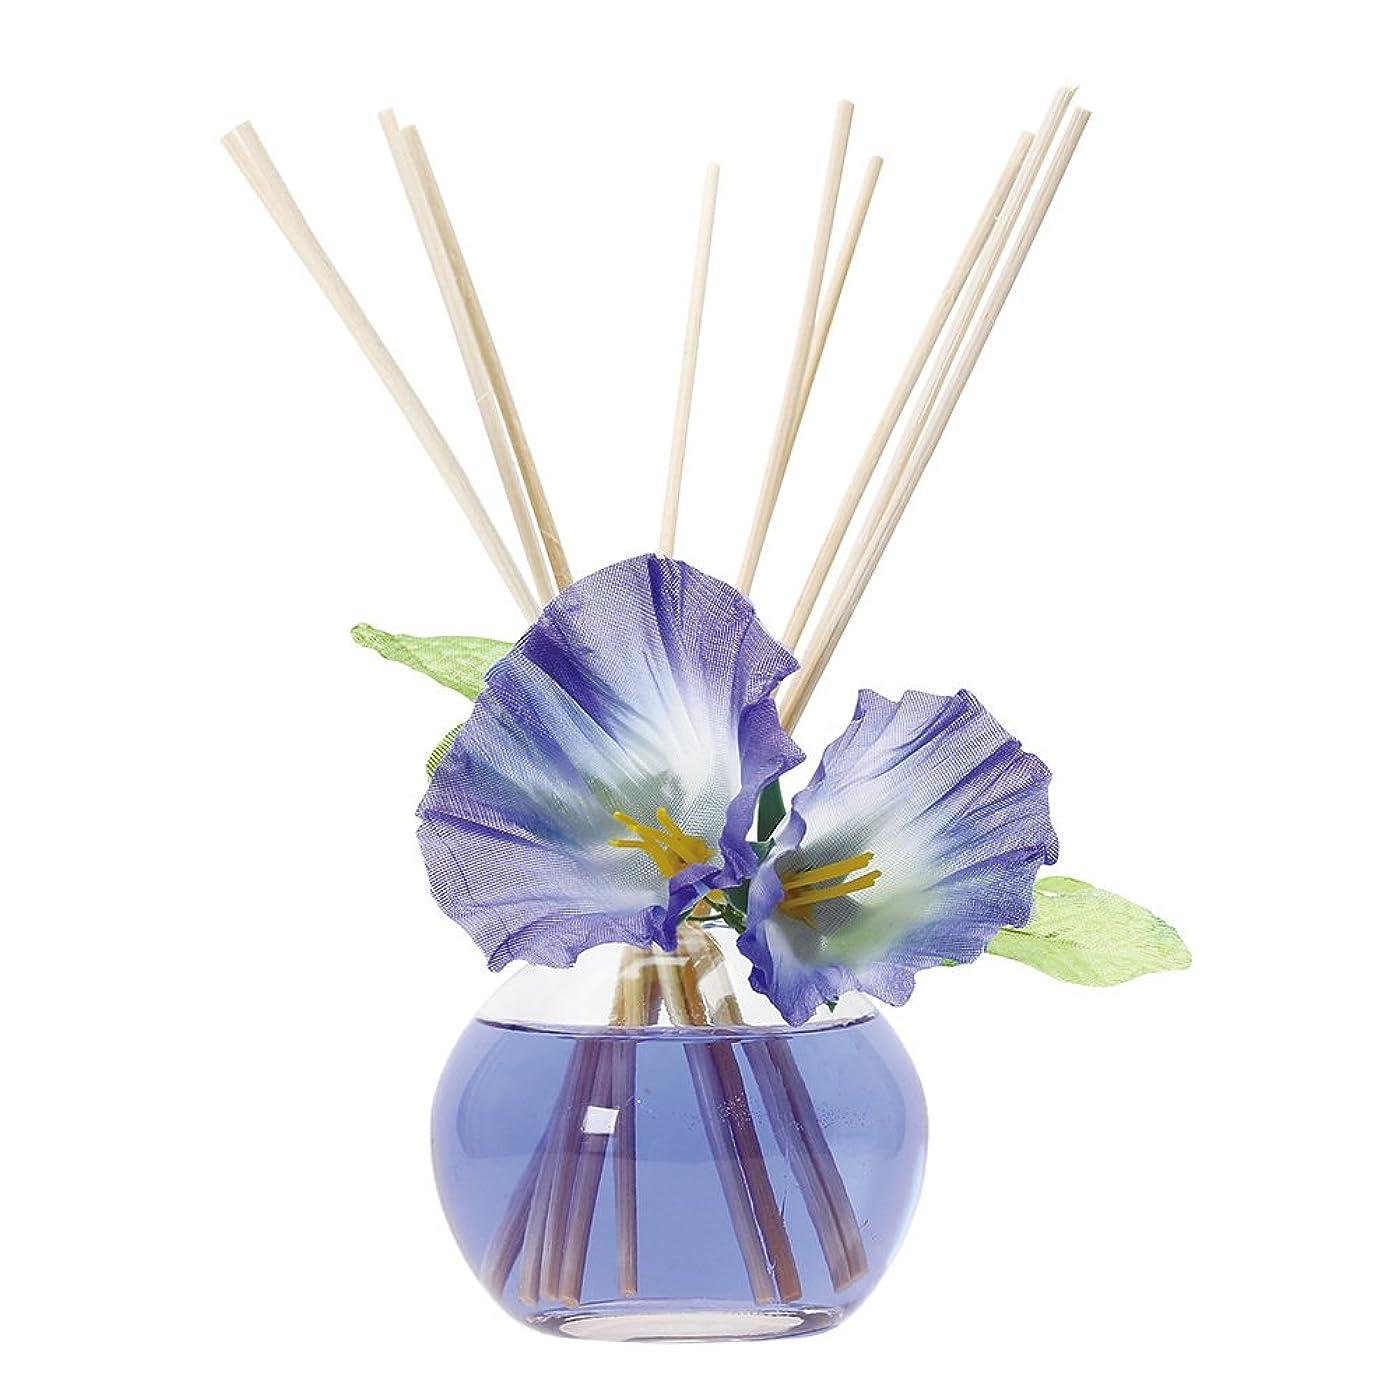 シニスできる梨ノルコーポレーション アロマパティシエジャパン 朝顔 ルームフレグランス 芳香剤 萌黄の香り